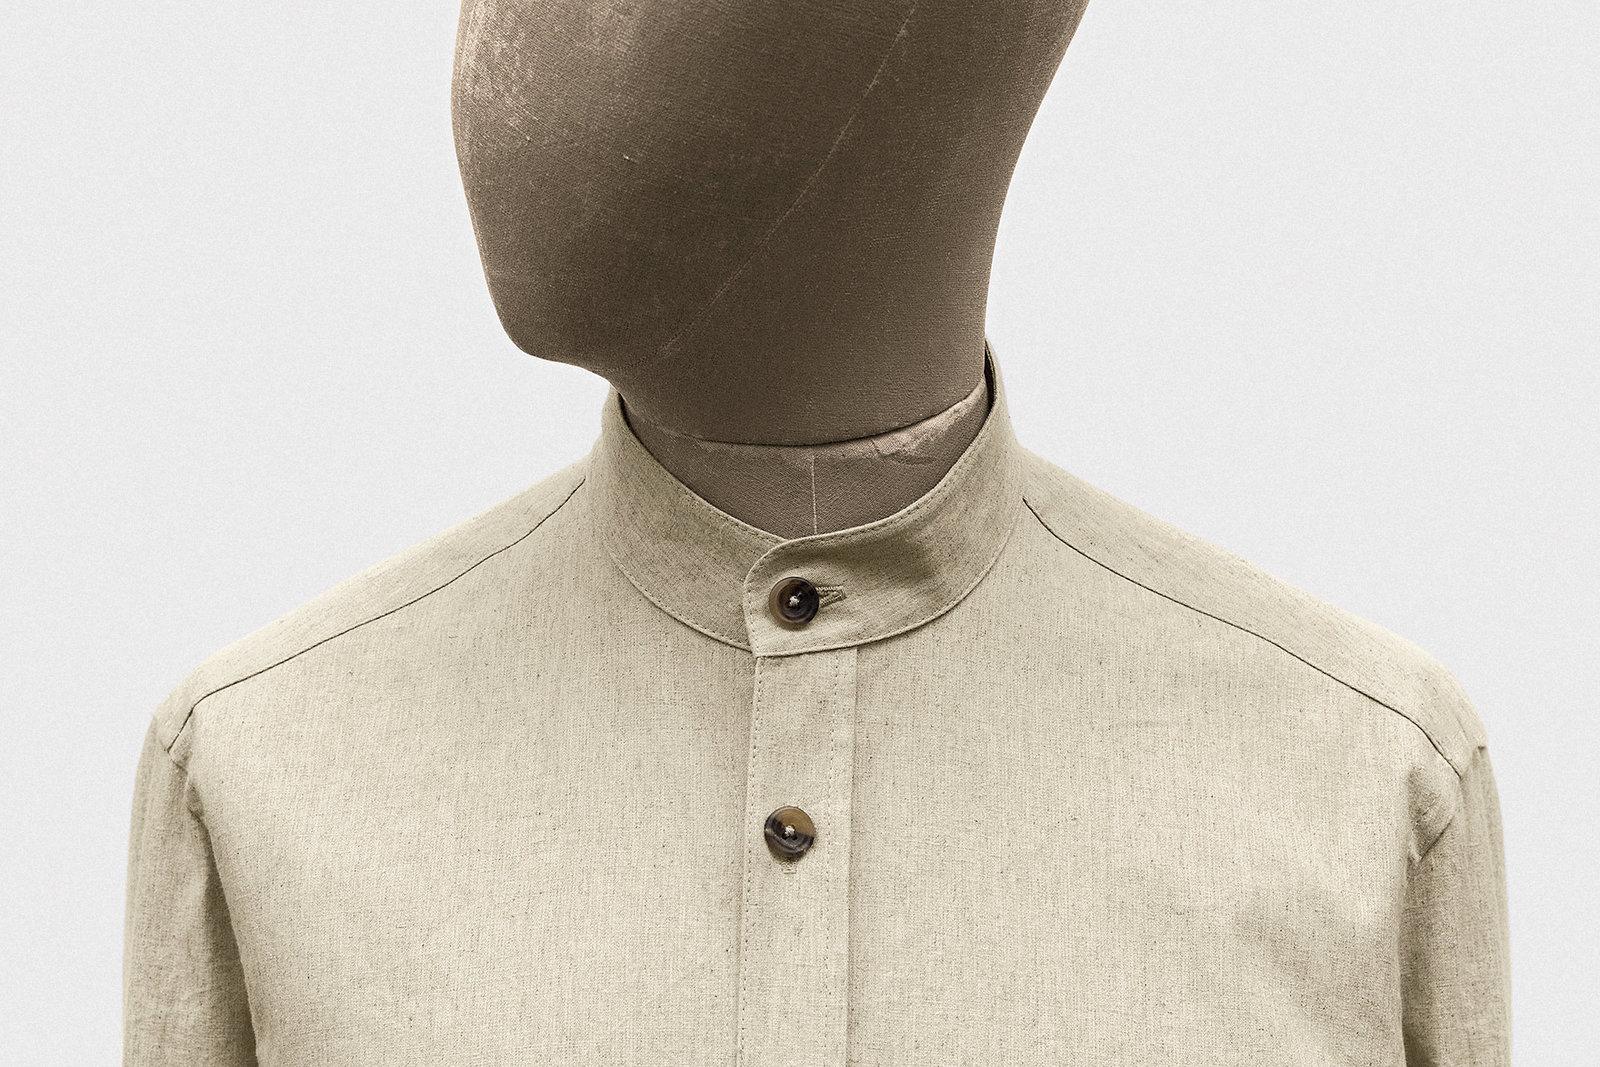 shirt-granddad-desert-cotton-linen-ecru-2@2x.jpg